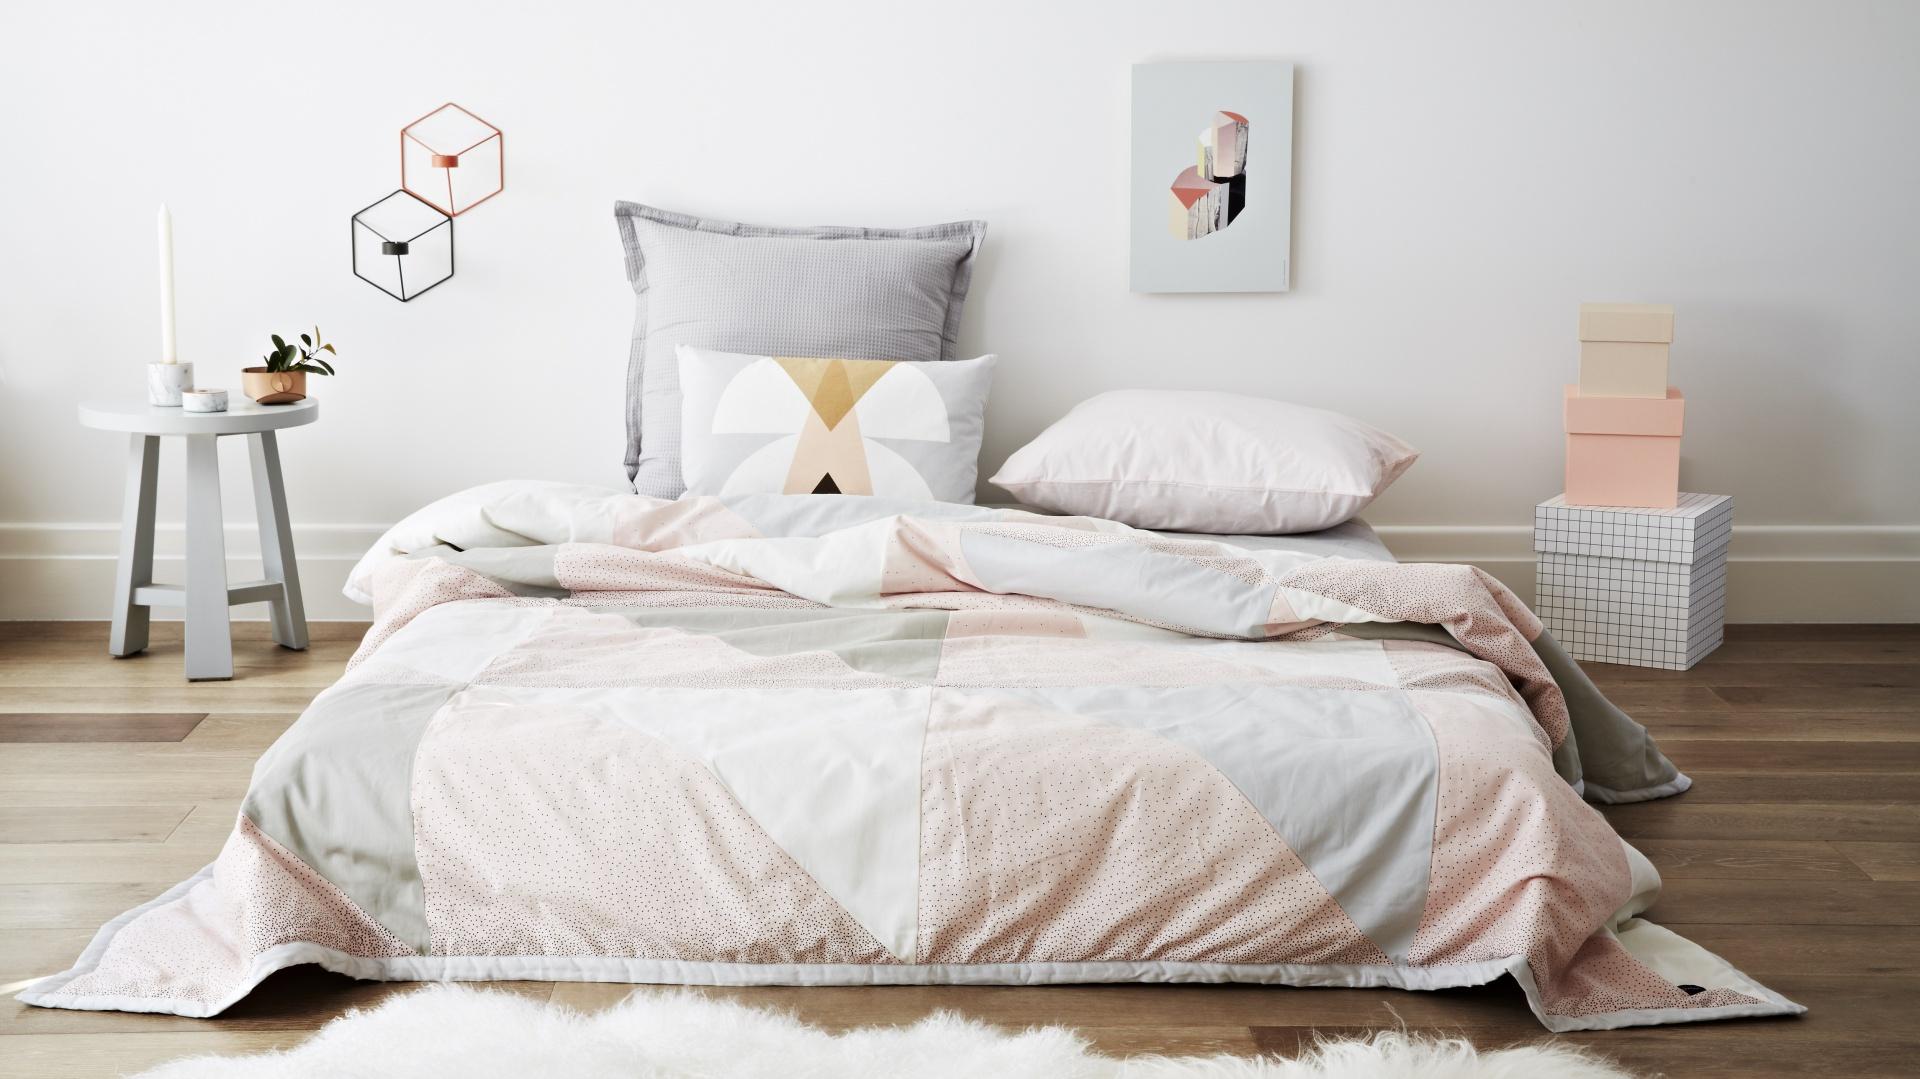 Geometryczne wzory połączone z pastelowymi odcieniami to ponadczasowe zestawienie, które doda charakteru każdej sypialni. Fot. Oyoy Design/Norsu.